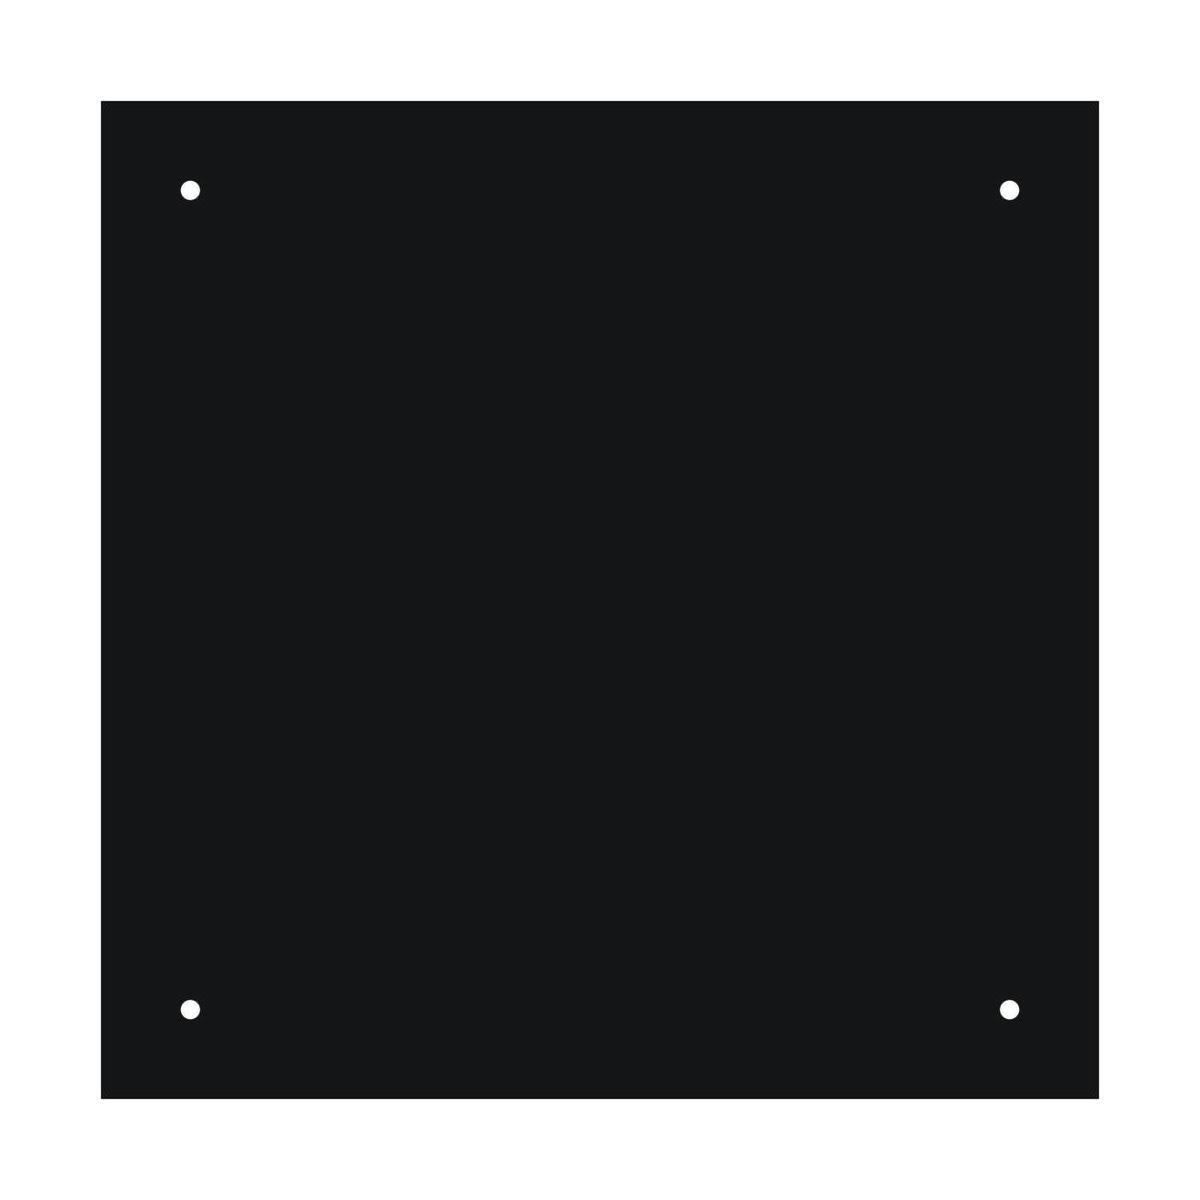 Panel Kuchenny Szklany Jednokolorowy 60 X 60 Cm Alfa Cer Panele Dekoracyjne Szklane W Atrakcyjnej Cenie W Sklepach Le Desktop Screenshot Tablet Screenshots